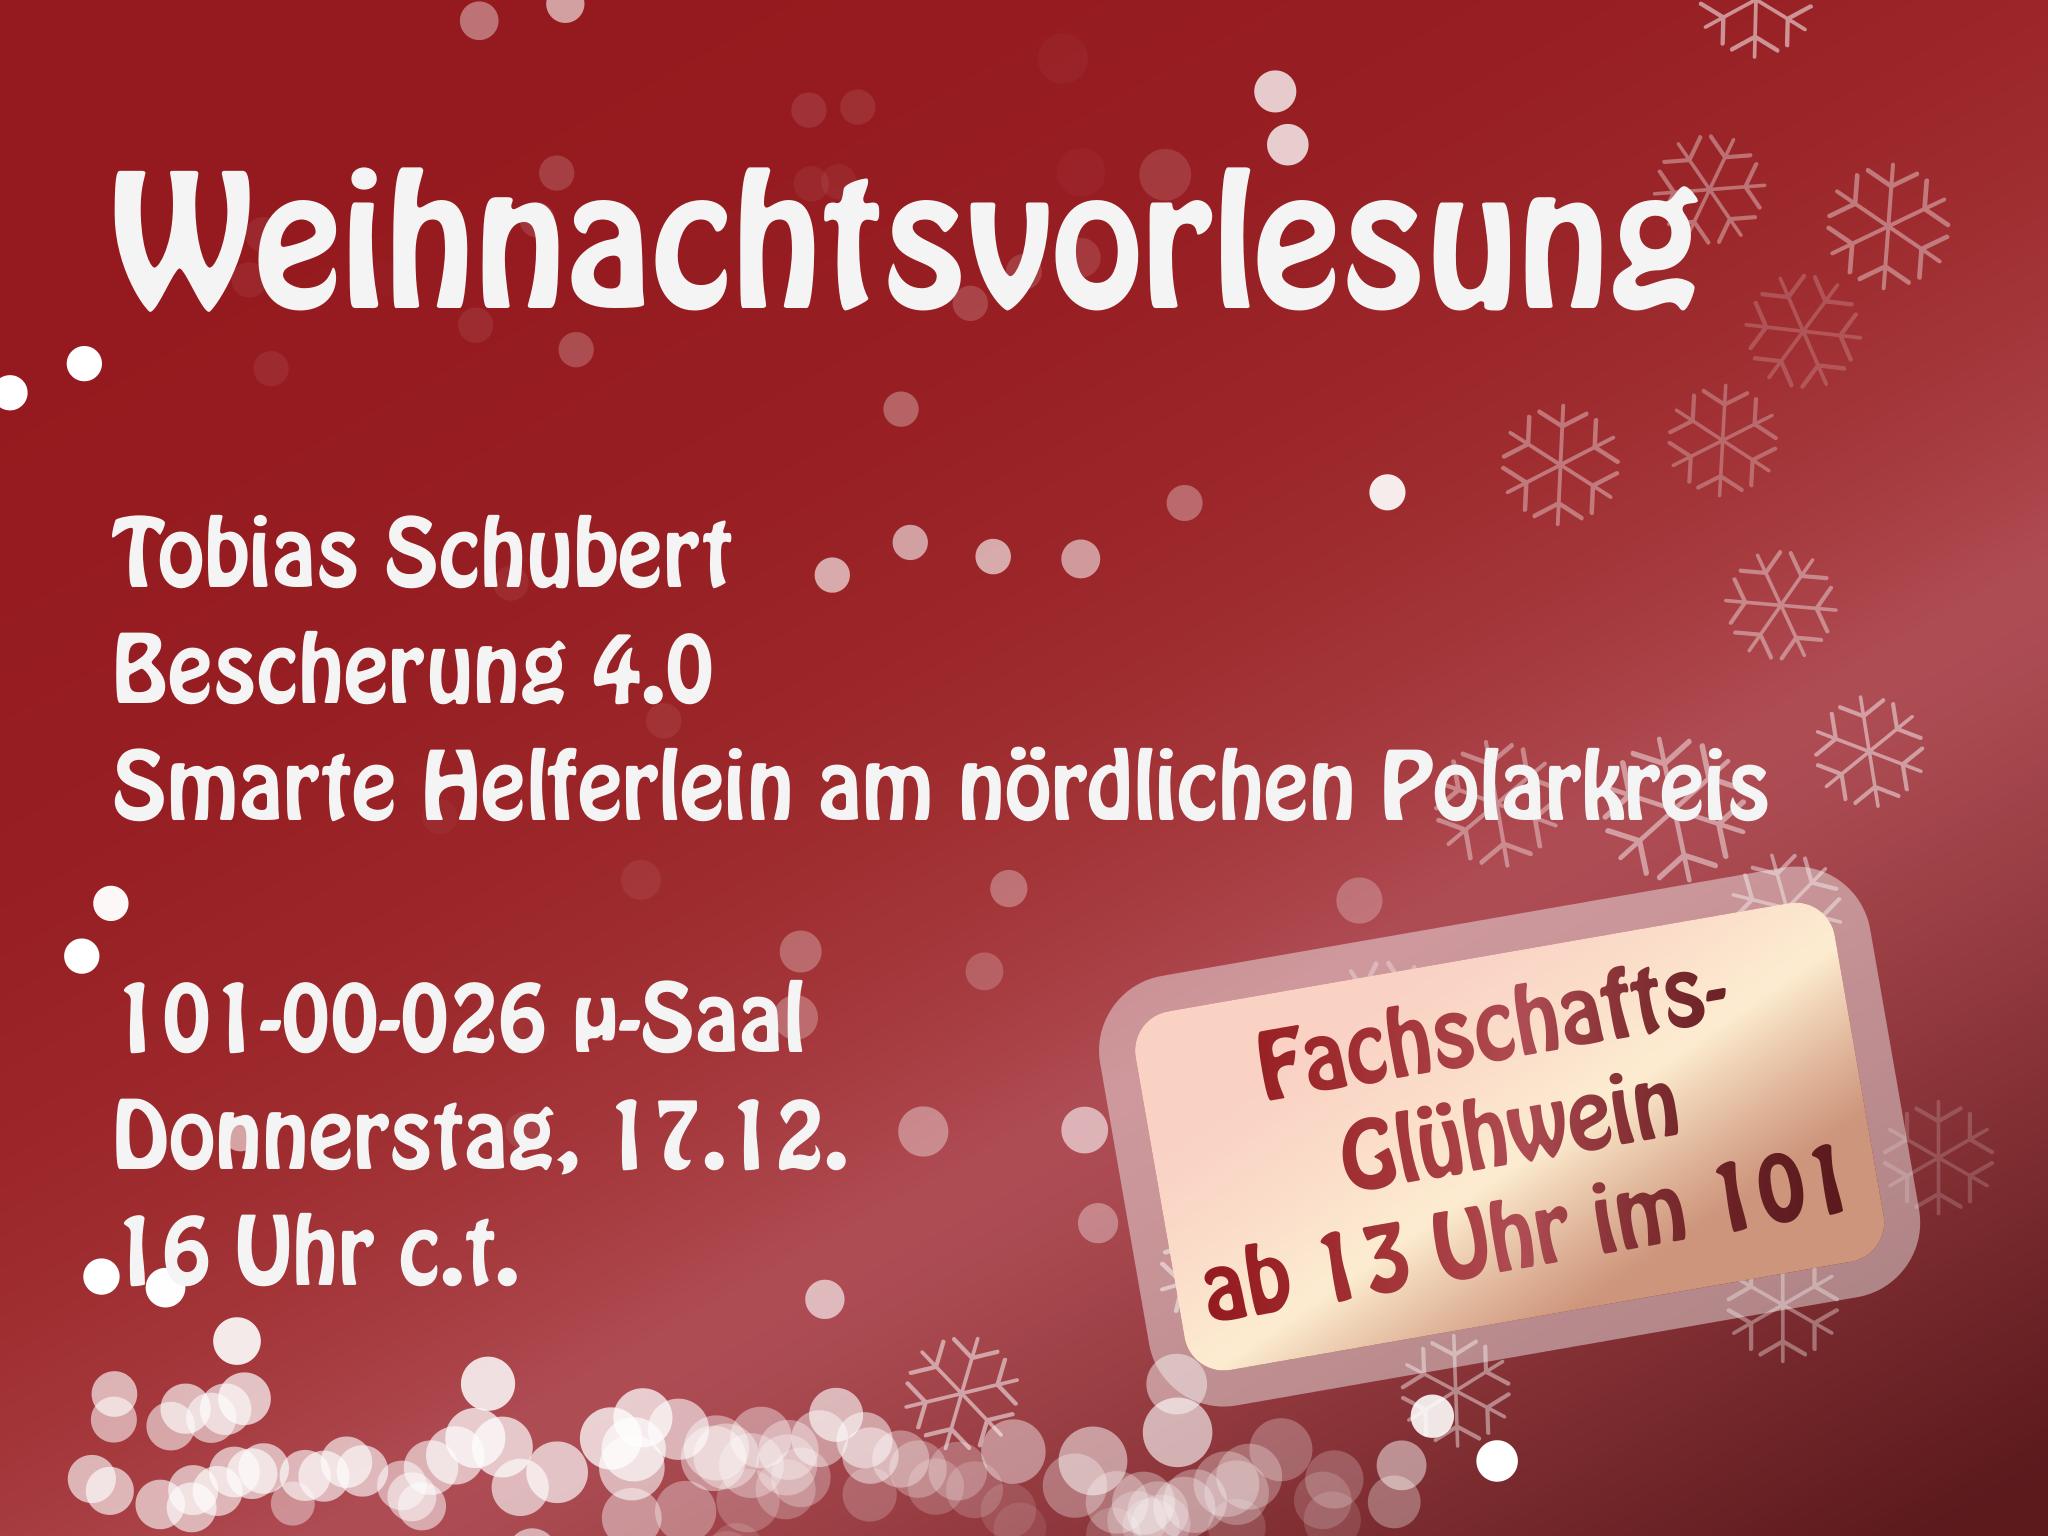 Weihnachtsvorlesung Bescherung 4.0 - Smarte Helferlein am nördlichen Polarkreis